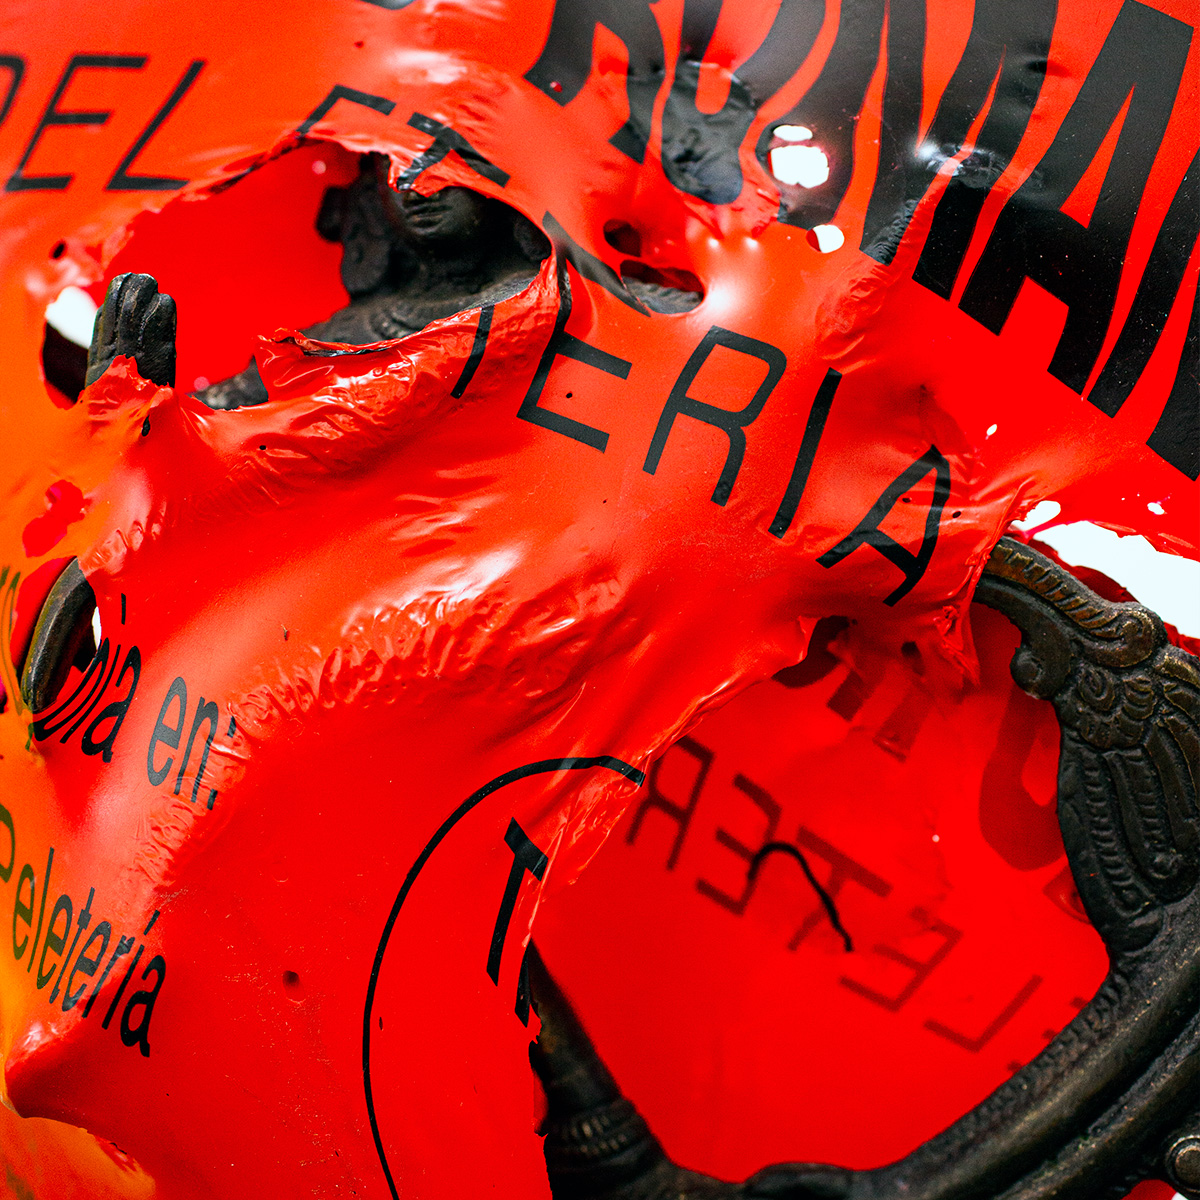 Red Shiva